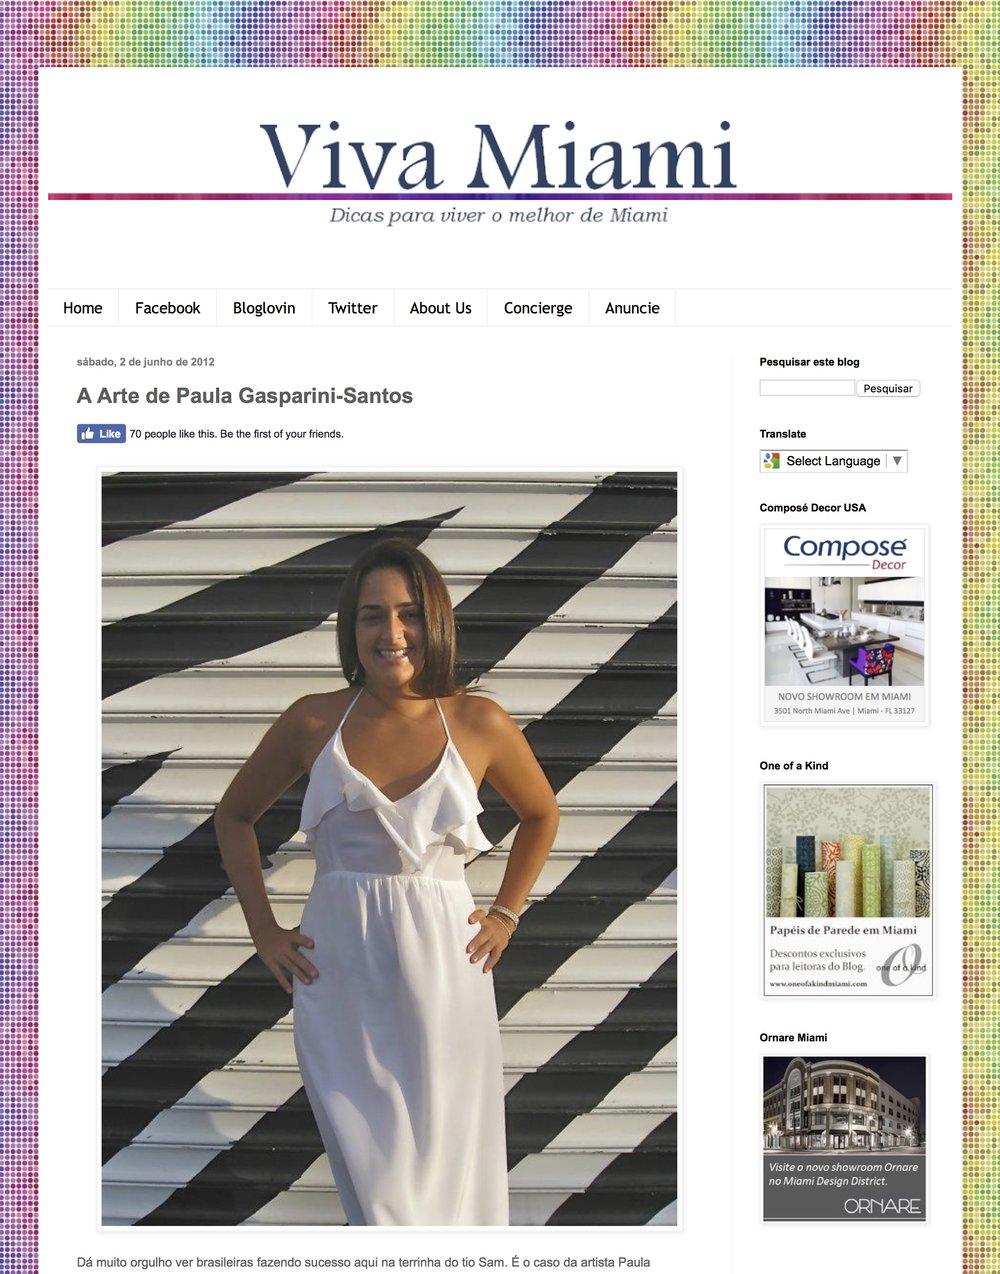 Viva Miami: A Arte de Paula Gasparini-Santos.jpg